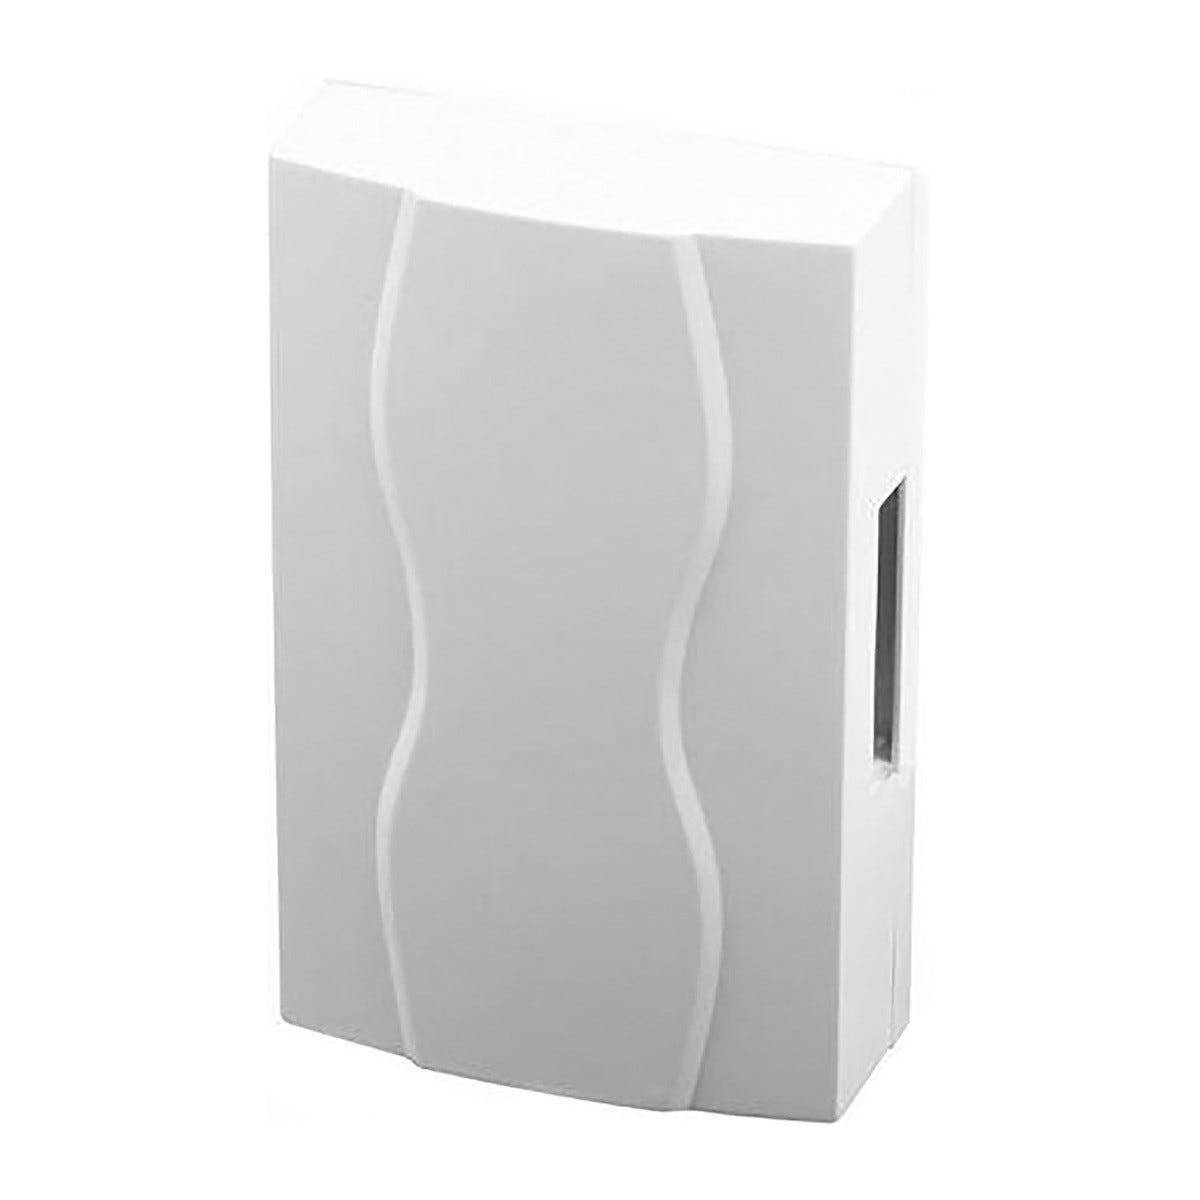 SCS_SENTINEL Campanello Filare 12v Mecabell 3248 Da Parete Colore Bianco